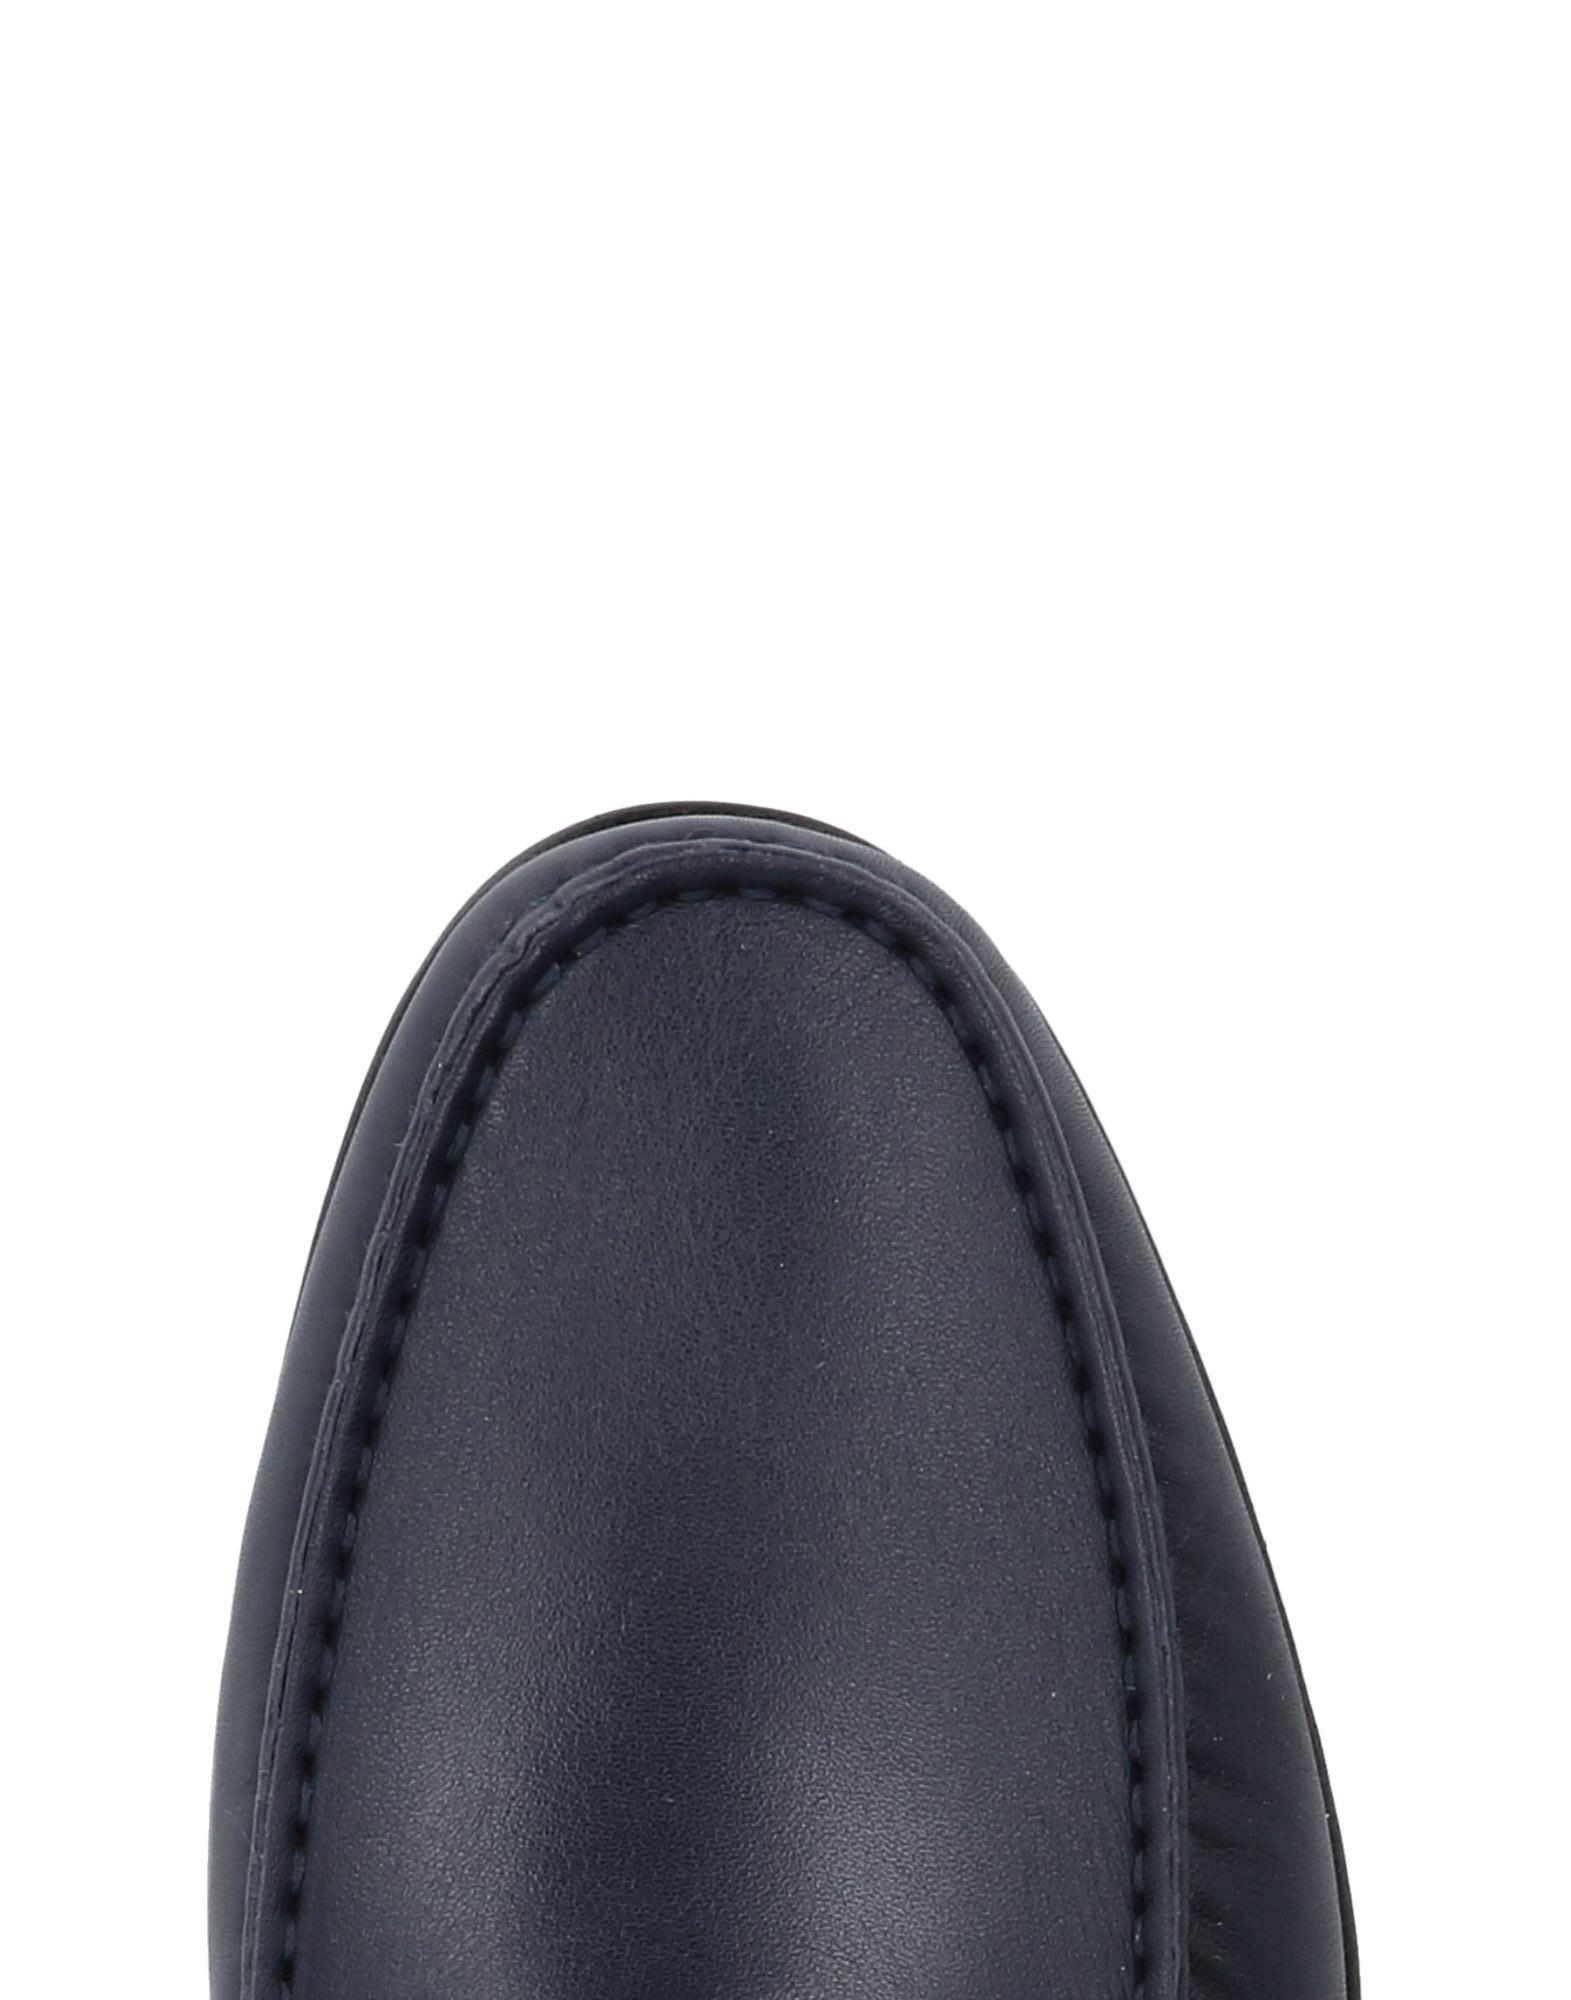 Rabatt echte Schuhe 11464273OB Baccaglini Mokassins Herren  11464273OB Schuhe 26c92b